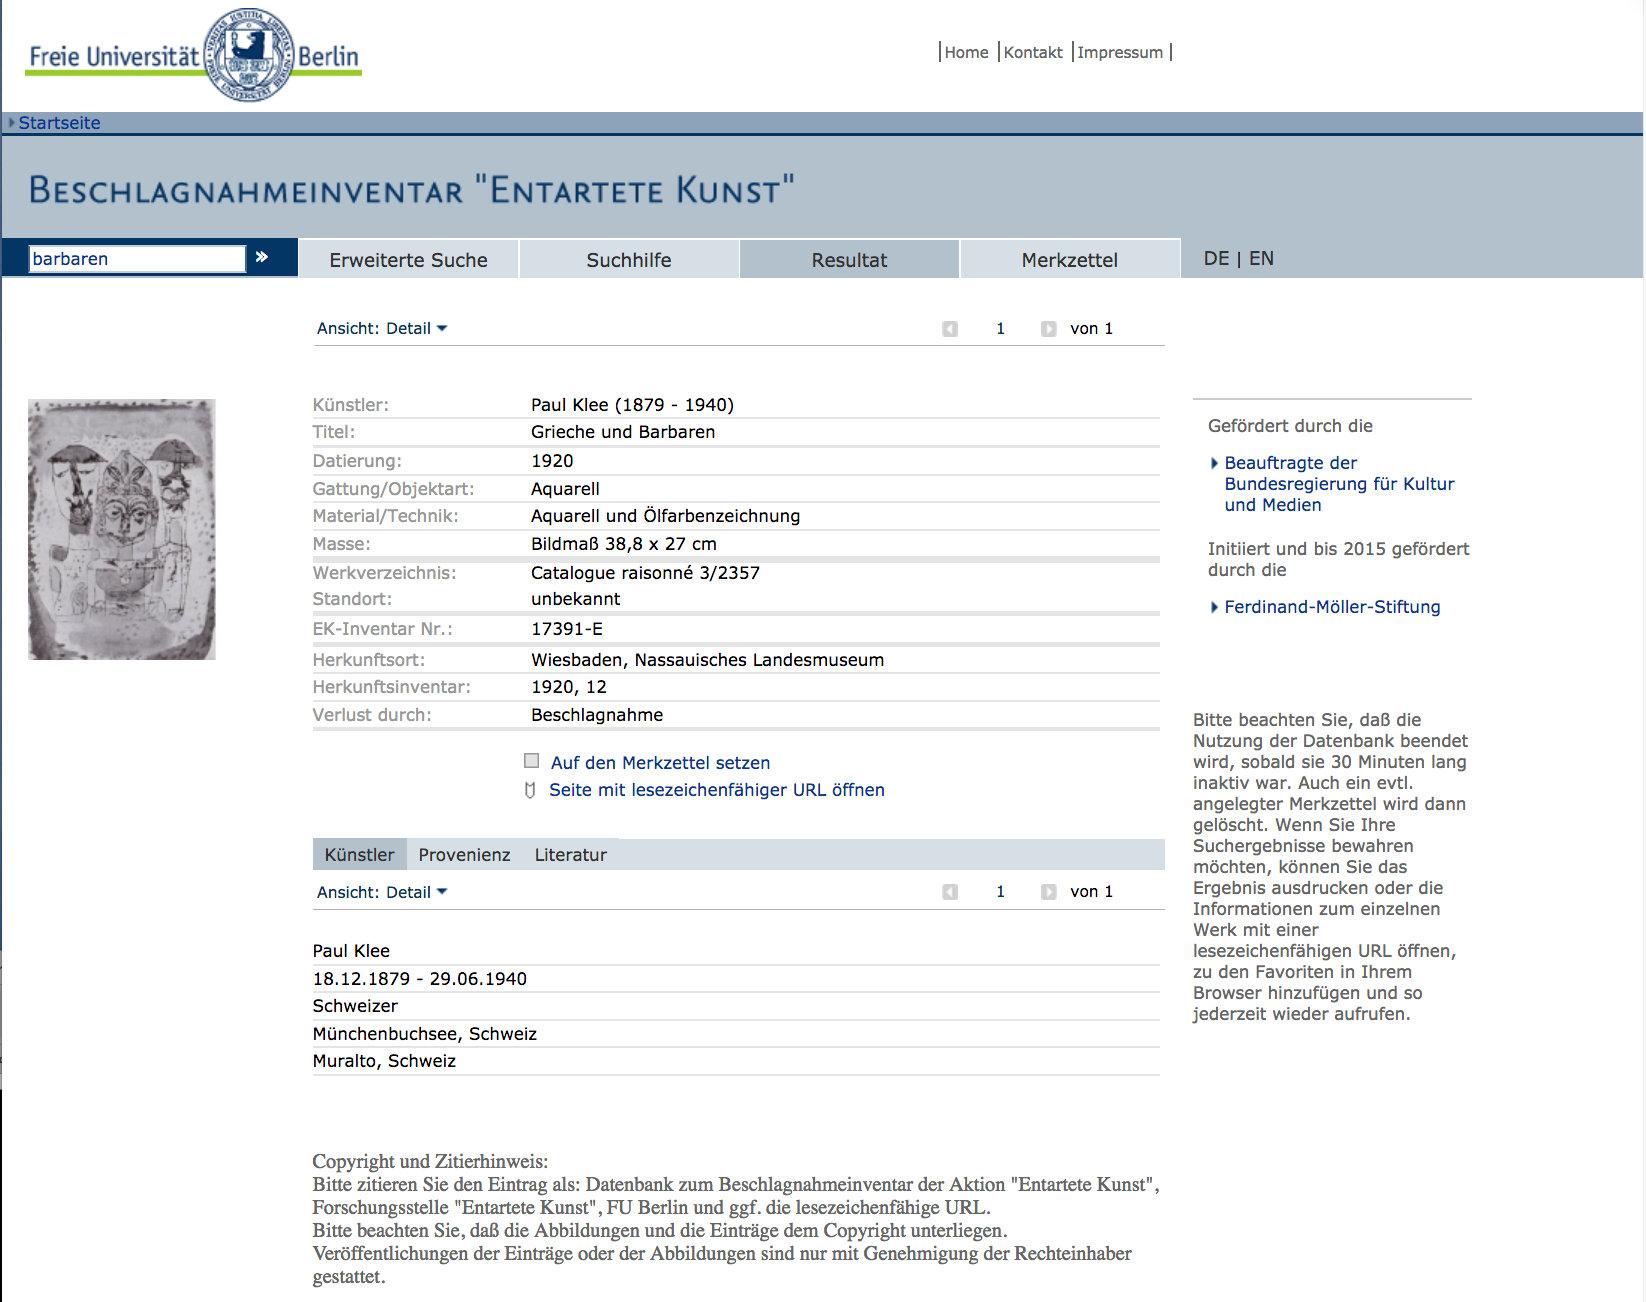 Abb. 26  Gesamtverzeichnis der 1937/38 in deutschen Museen beschlagnahmten Werke»entarteter Kunst« der Forschungsstelle »Entartete Kunst« des Kunsthistorischen Instituts der Freien Universität Berlin (Screenshot, Zugriff: 13.10.2017)  http://www.geschkult.fu-berlin.de/e/db_entart_kunst/datenbank/index.html